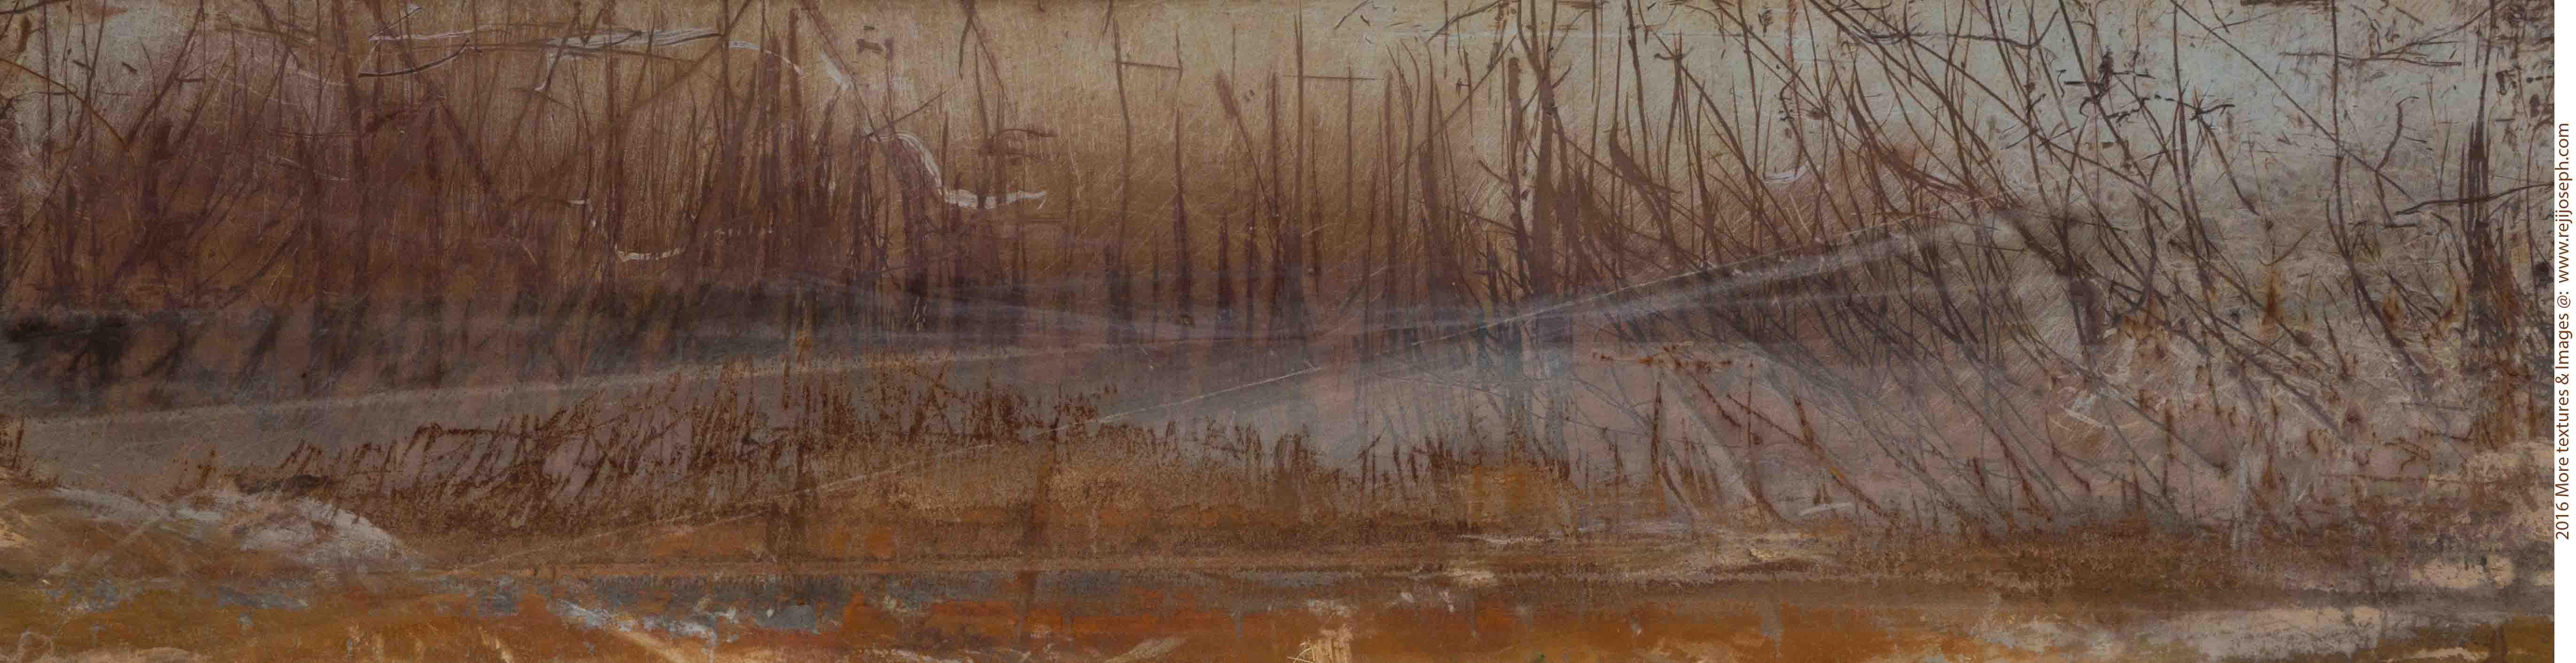 Rusty metal texture 00001